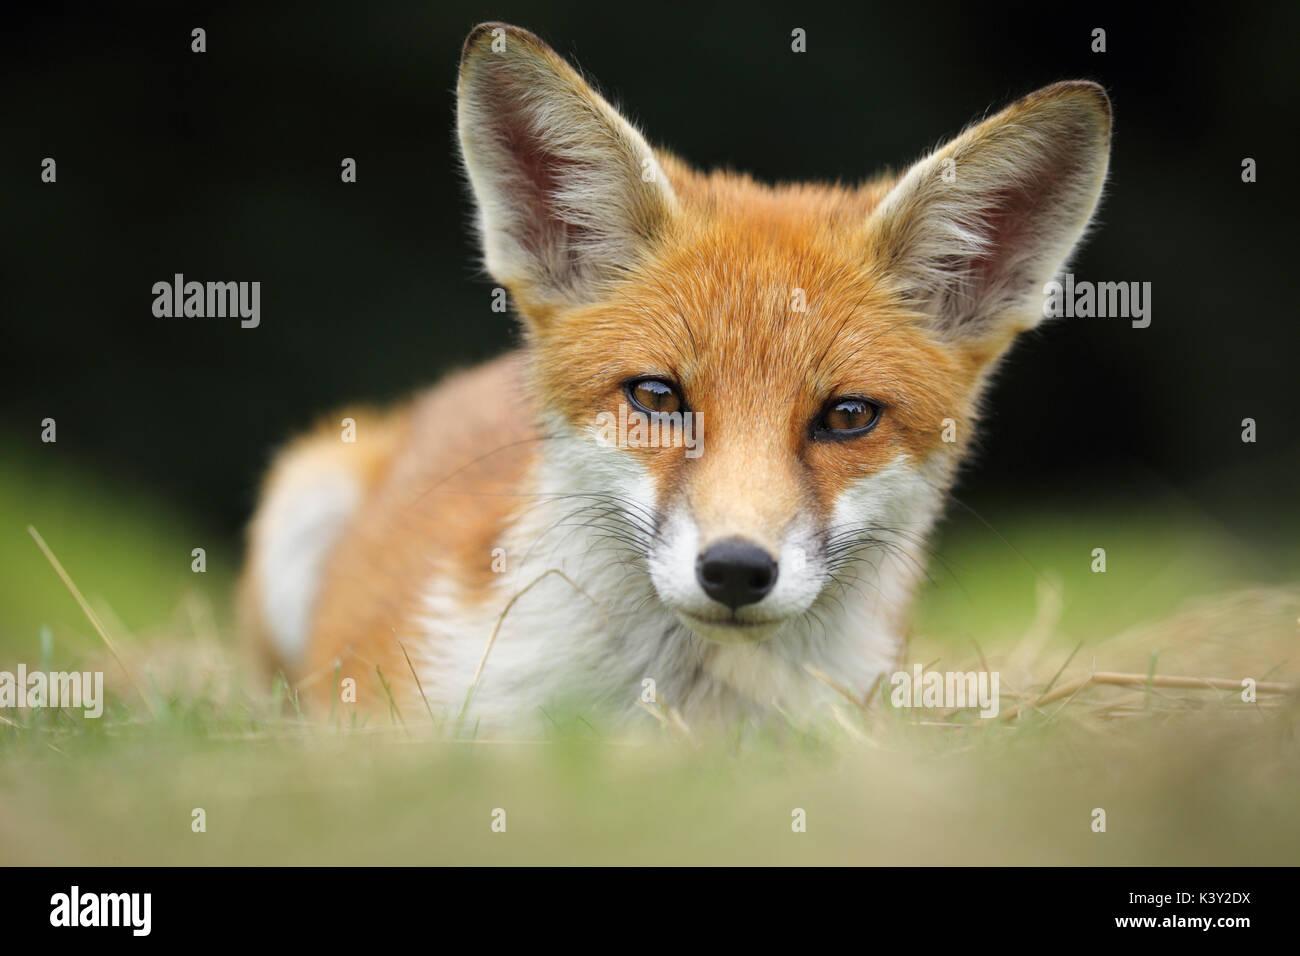 Junge Fuchs schaut direkt in die Kamera, während die Stockbild